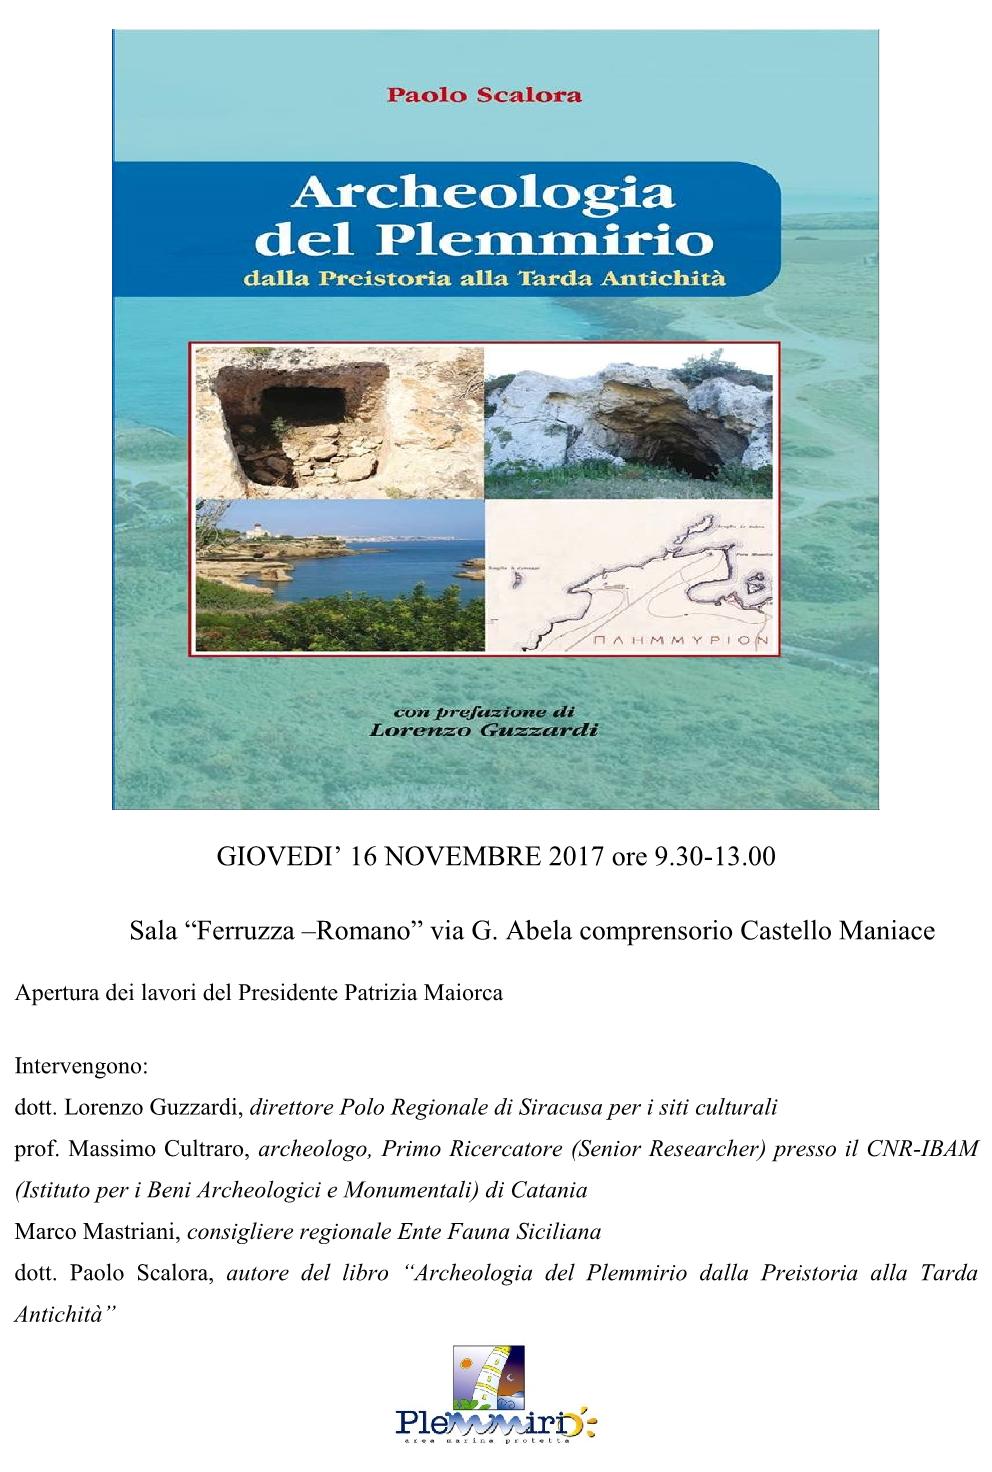 locandina evento 16 novembre